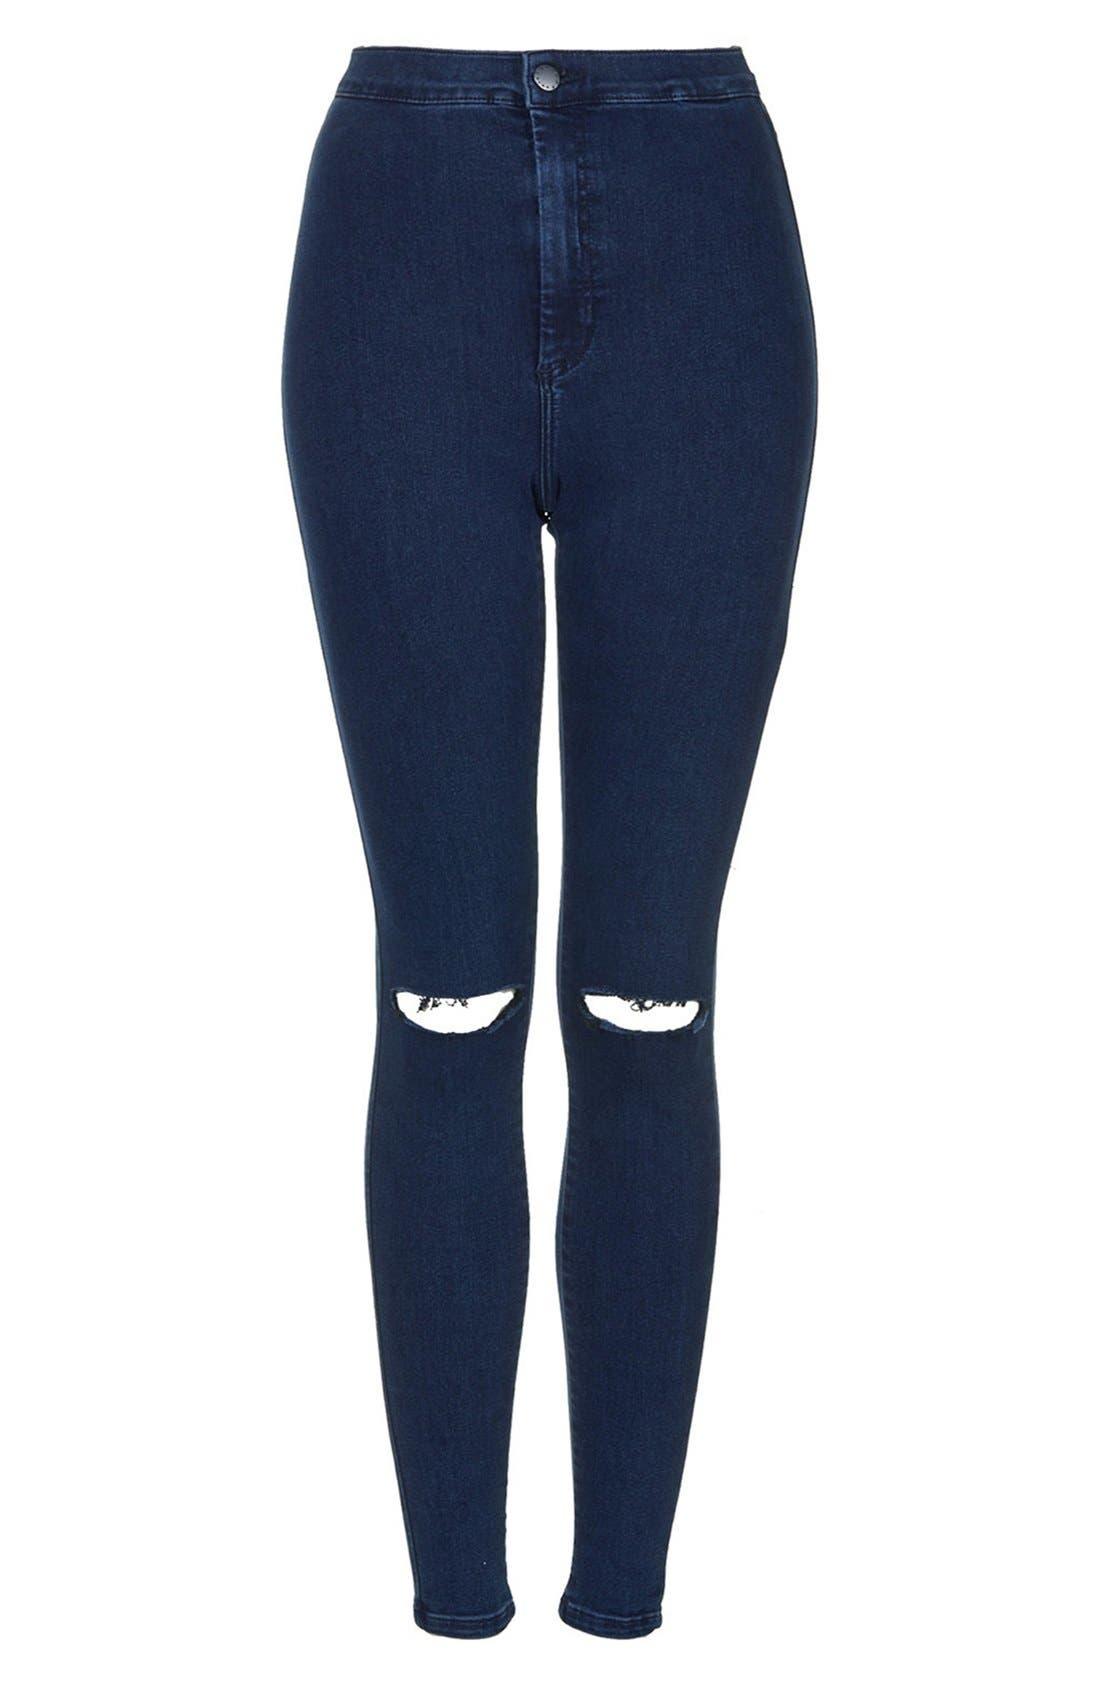 Alternate Image 3  - Topshop Moto 'Joni' Ripped High Rise Skinny Jeans (Blue) (Petite)